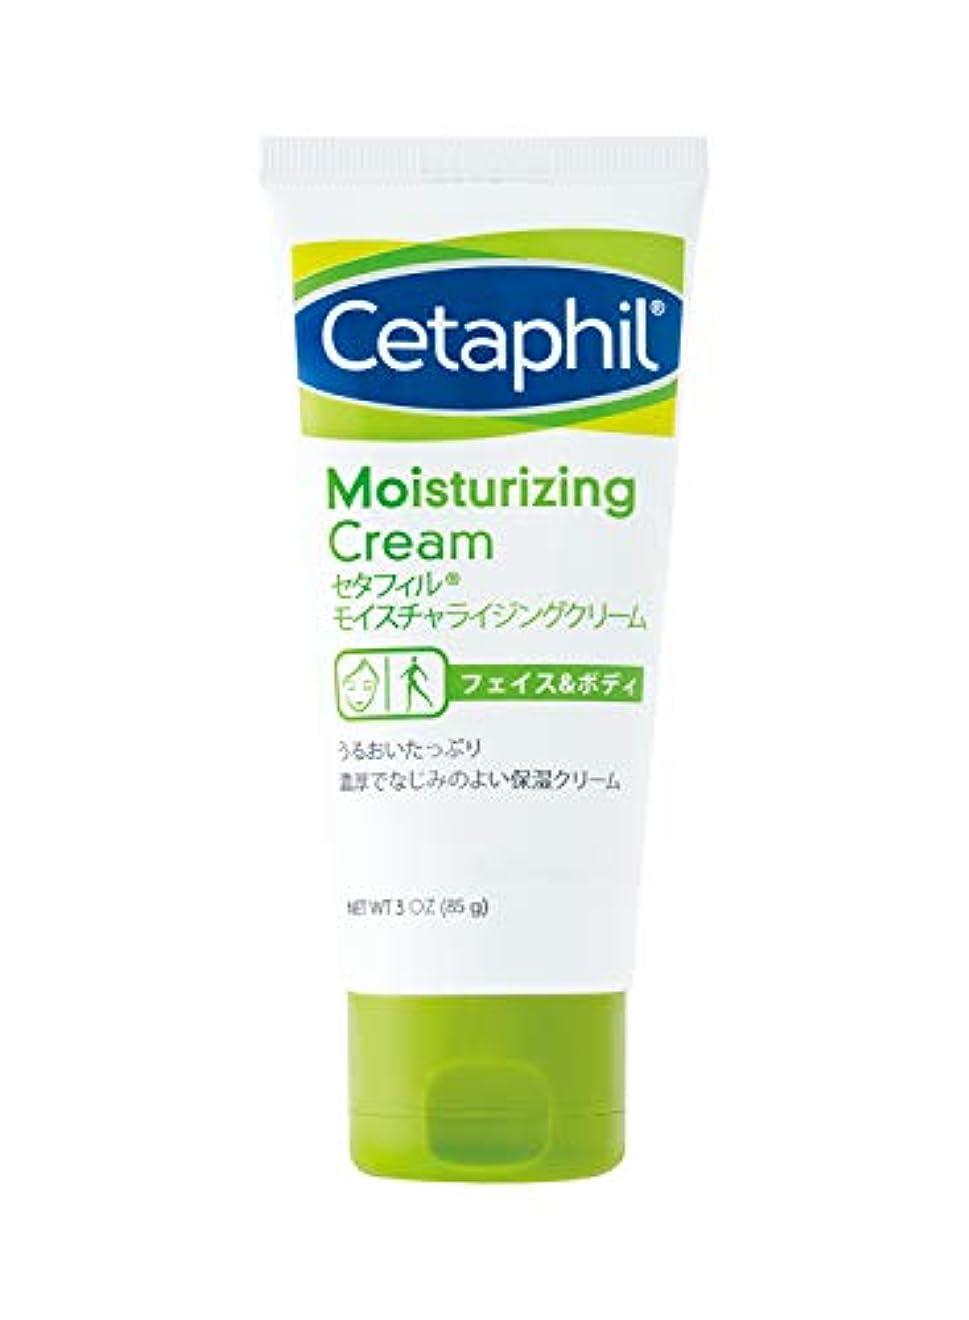 私たち脅威スタッフセタフィル Cetaphil ® モイスチャライジングクリーム 85g ( フェイス & ボディ 保湿クリーム クリーム )